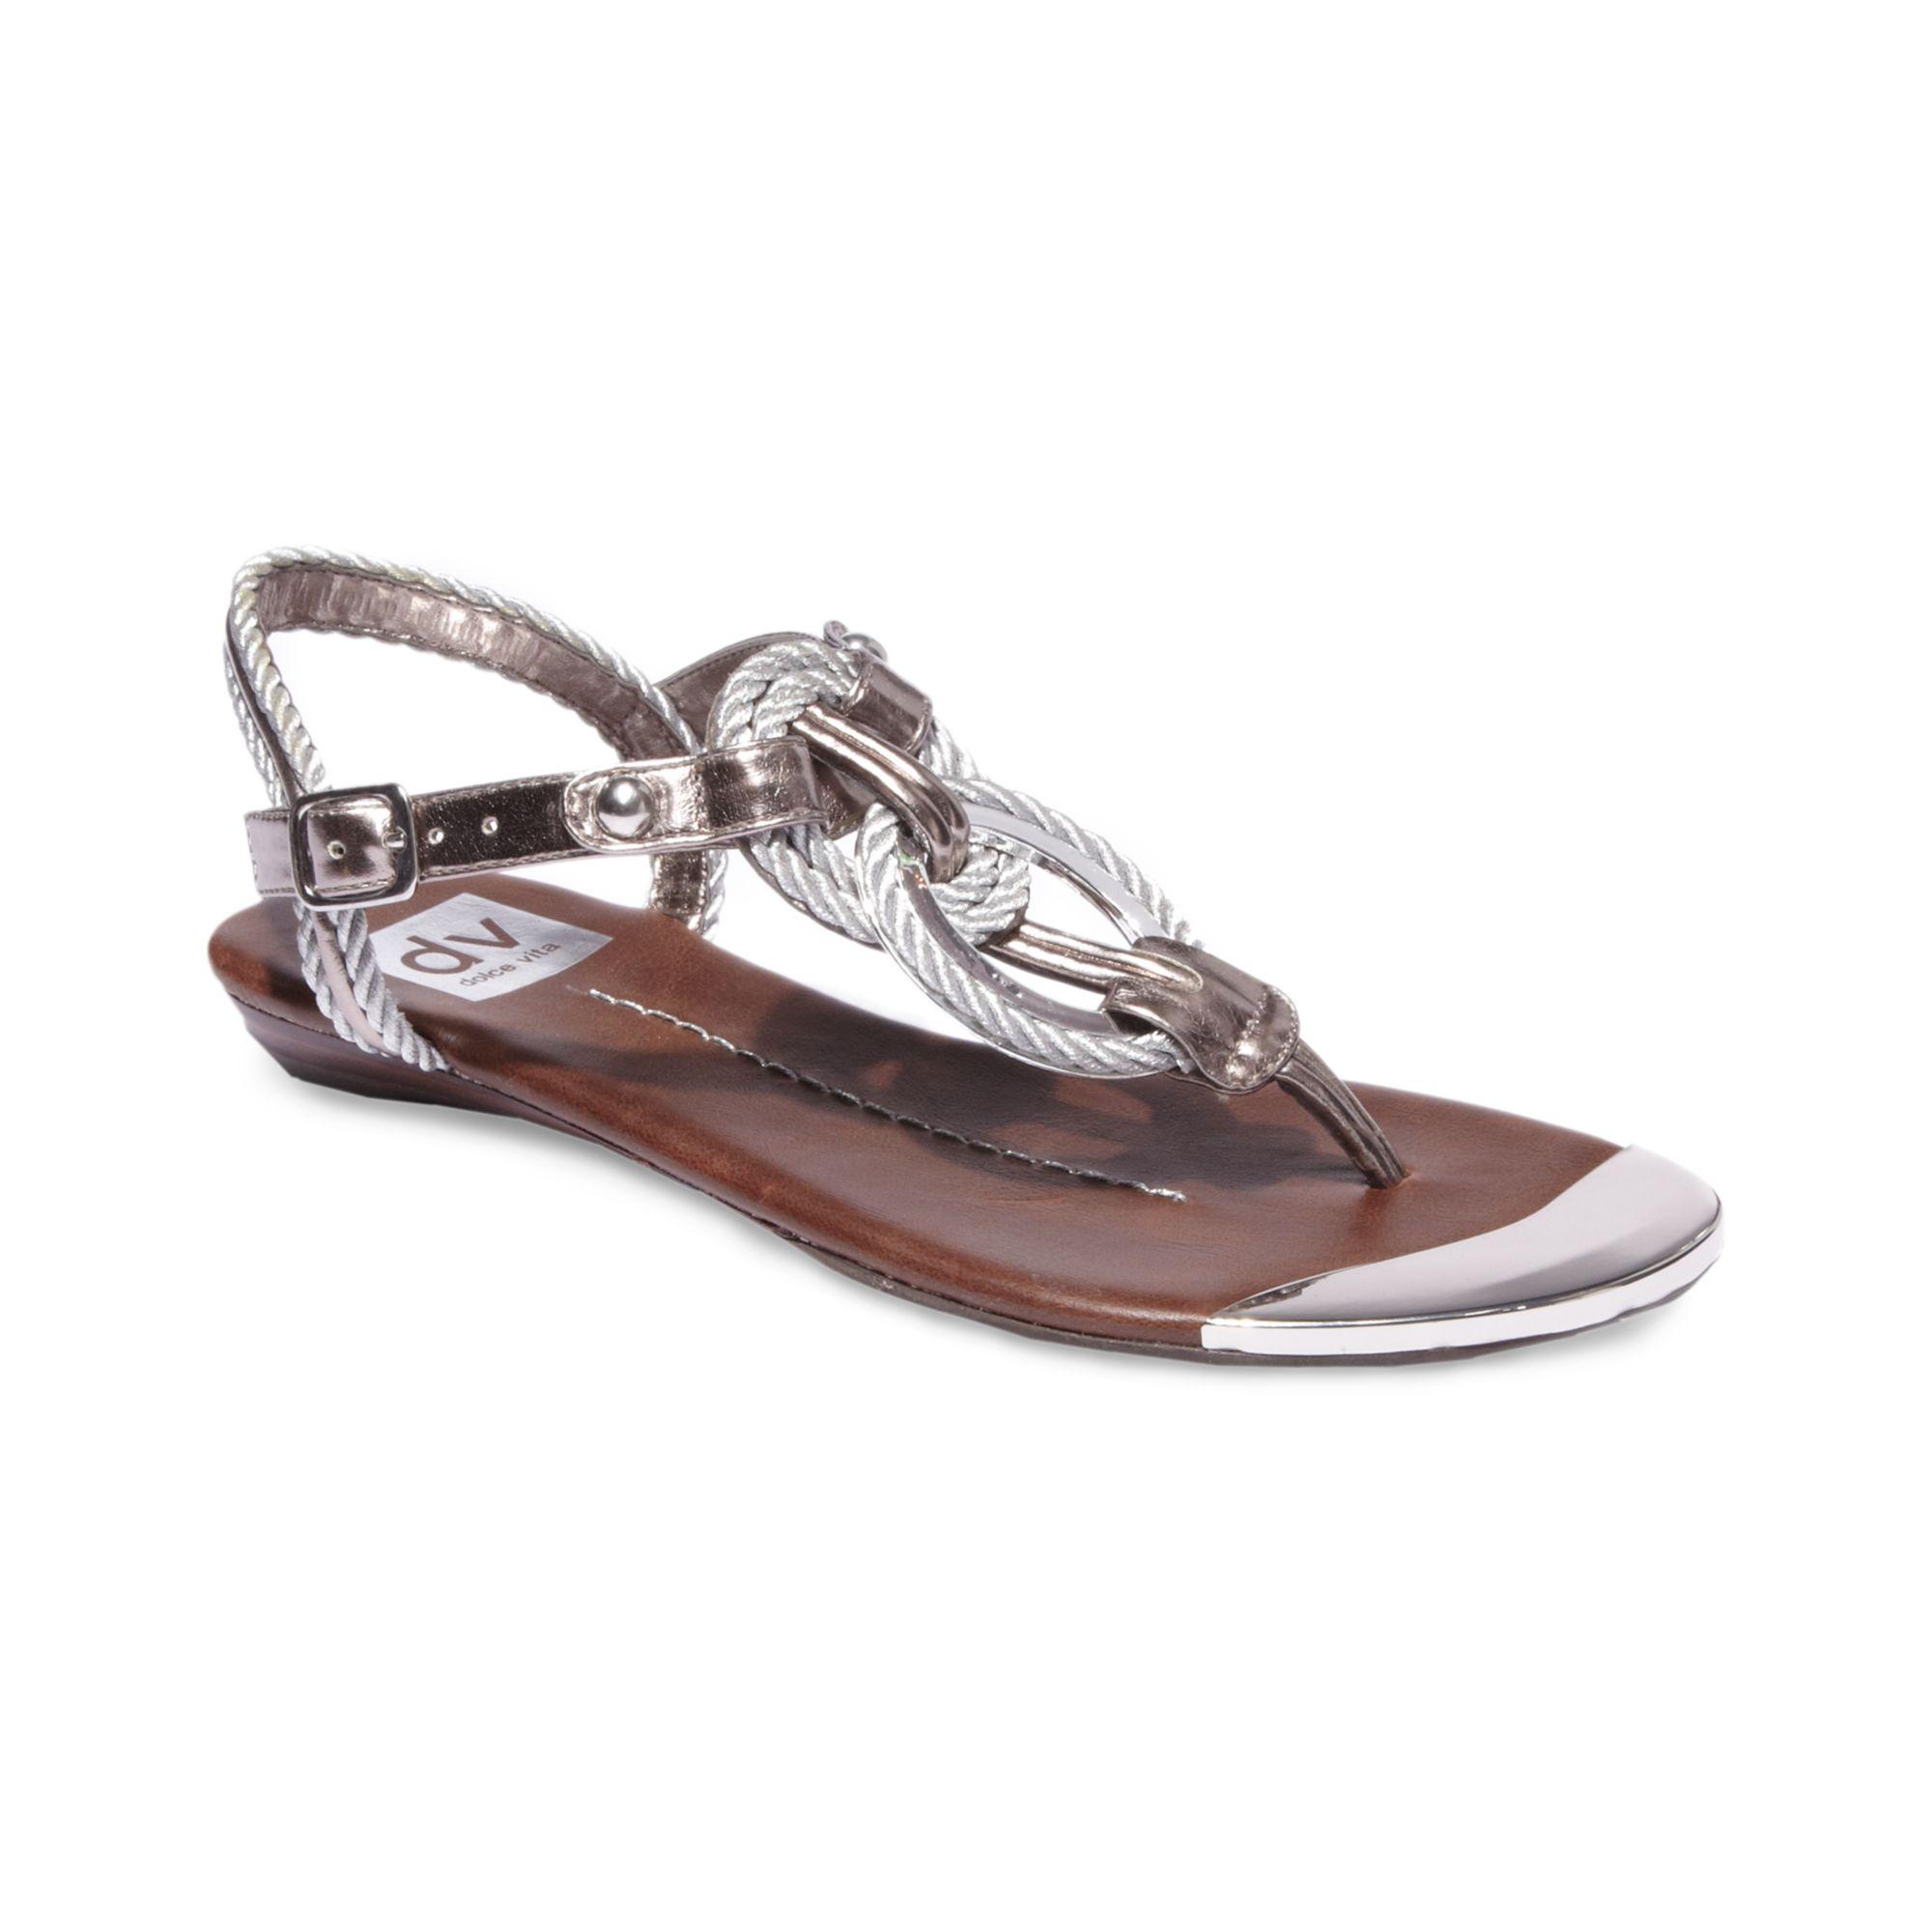 Dolce Vita Agnus Flat Sandals in Silver | Lyst